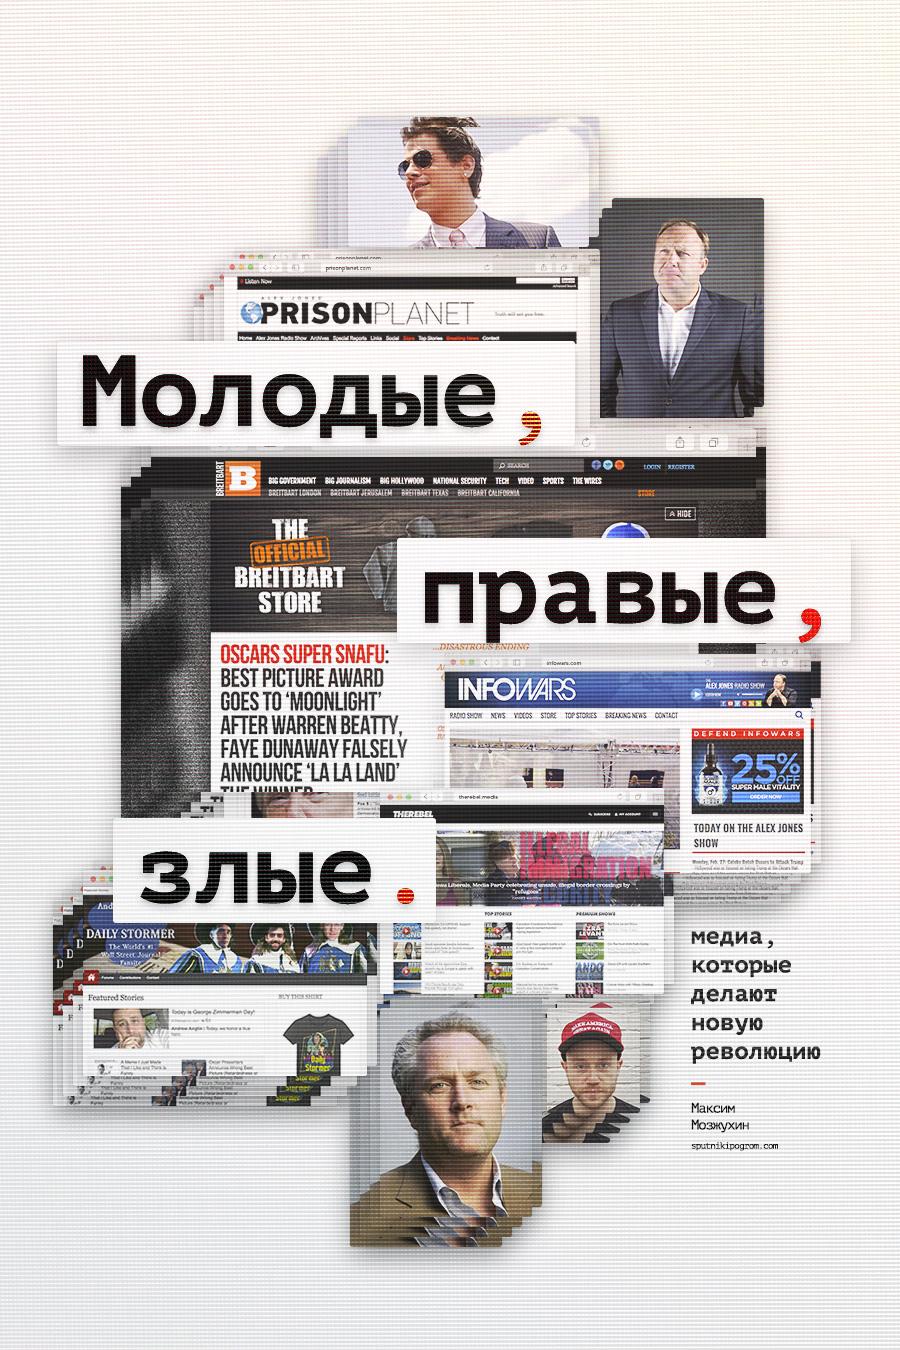 https://sputnikipogrom.com/wp-content/uploads/2017/02/arg-cover.jpg